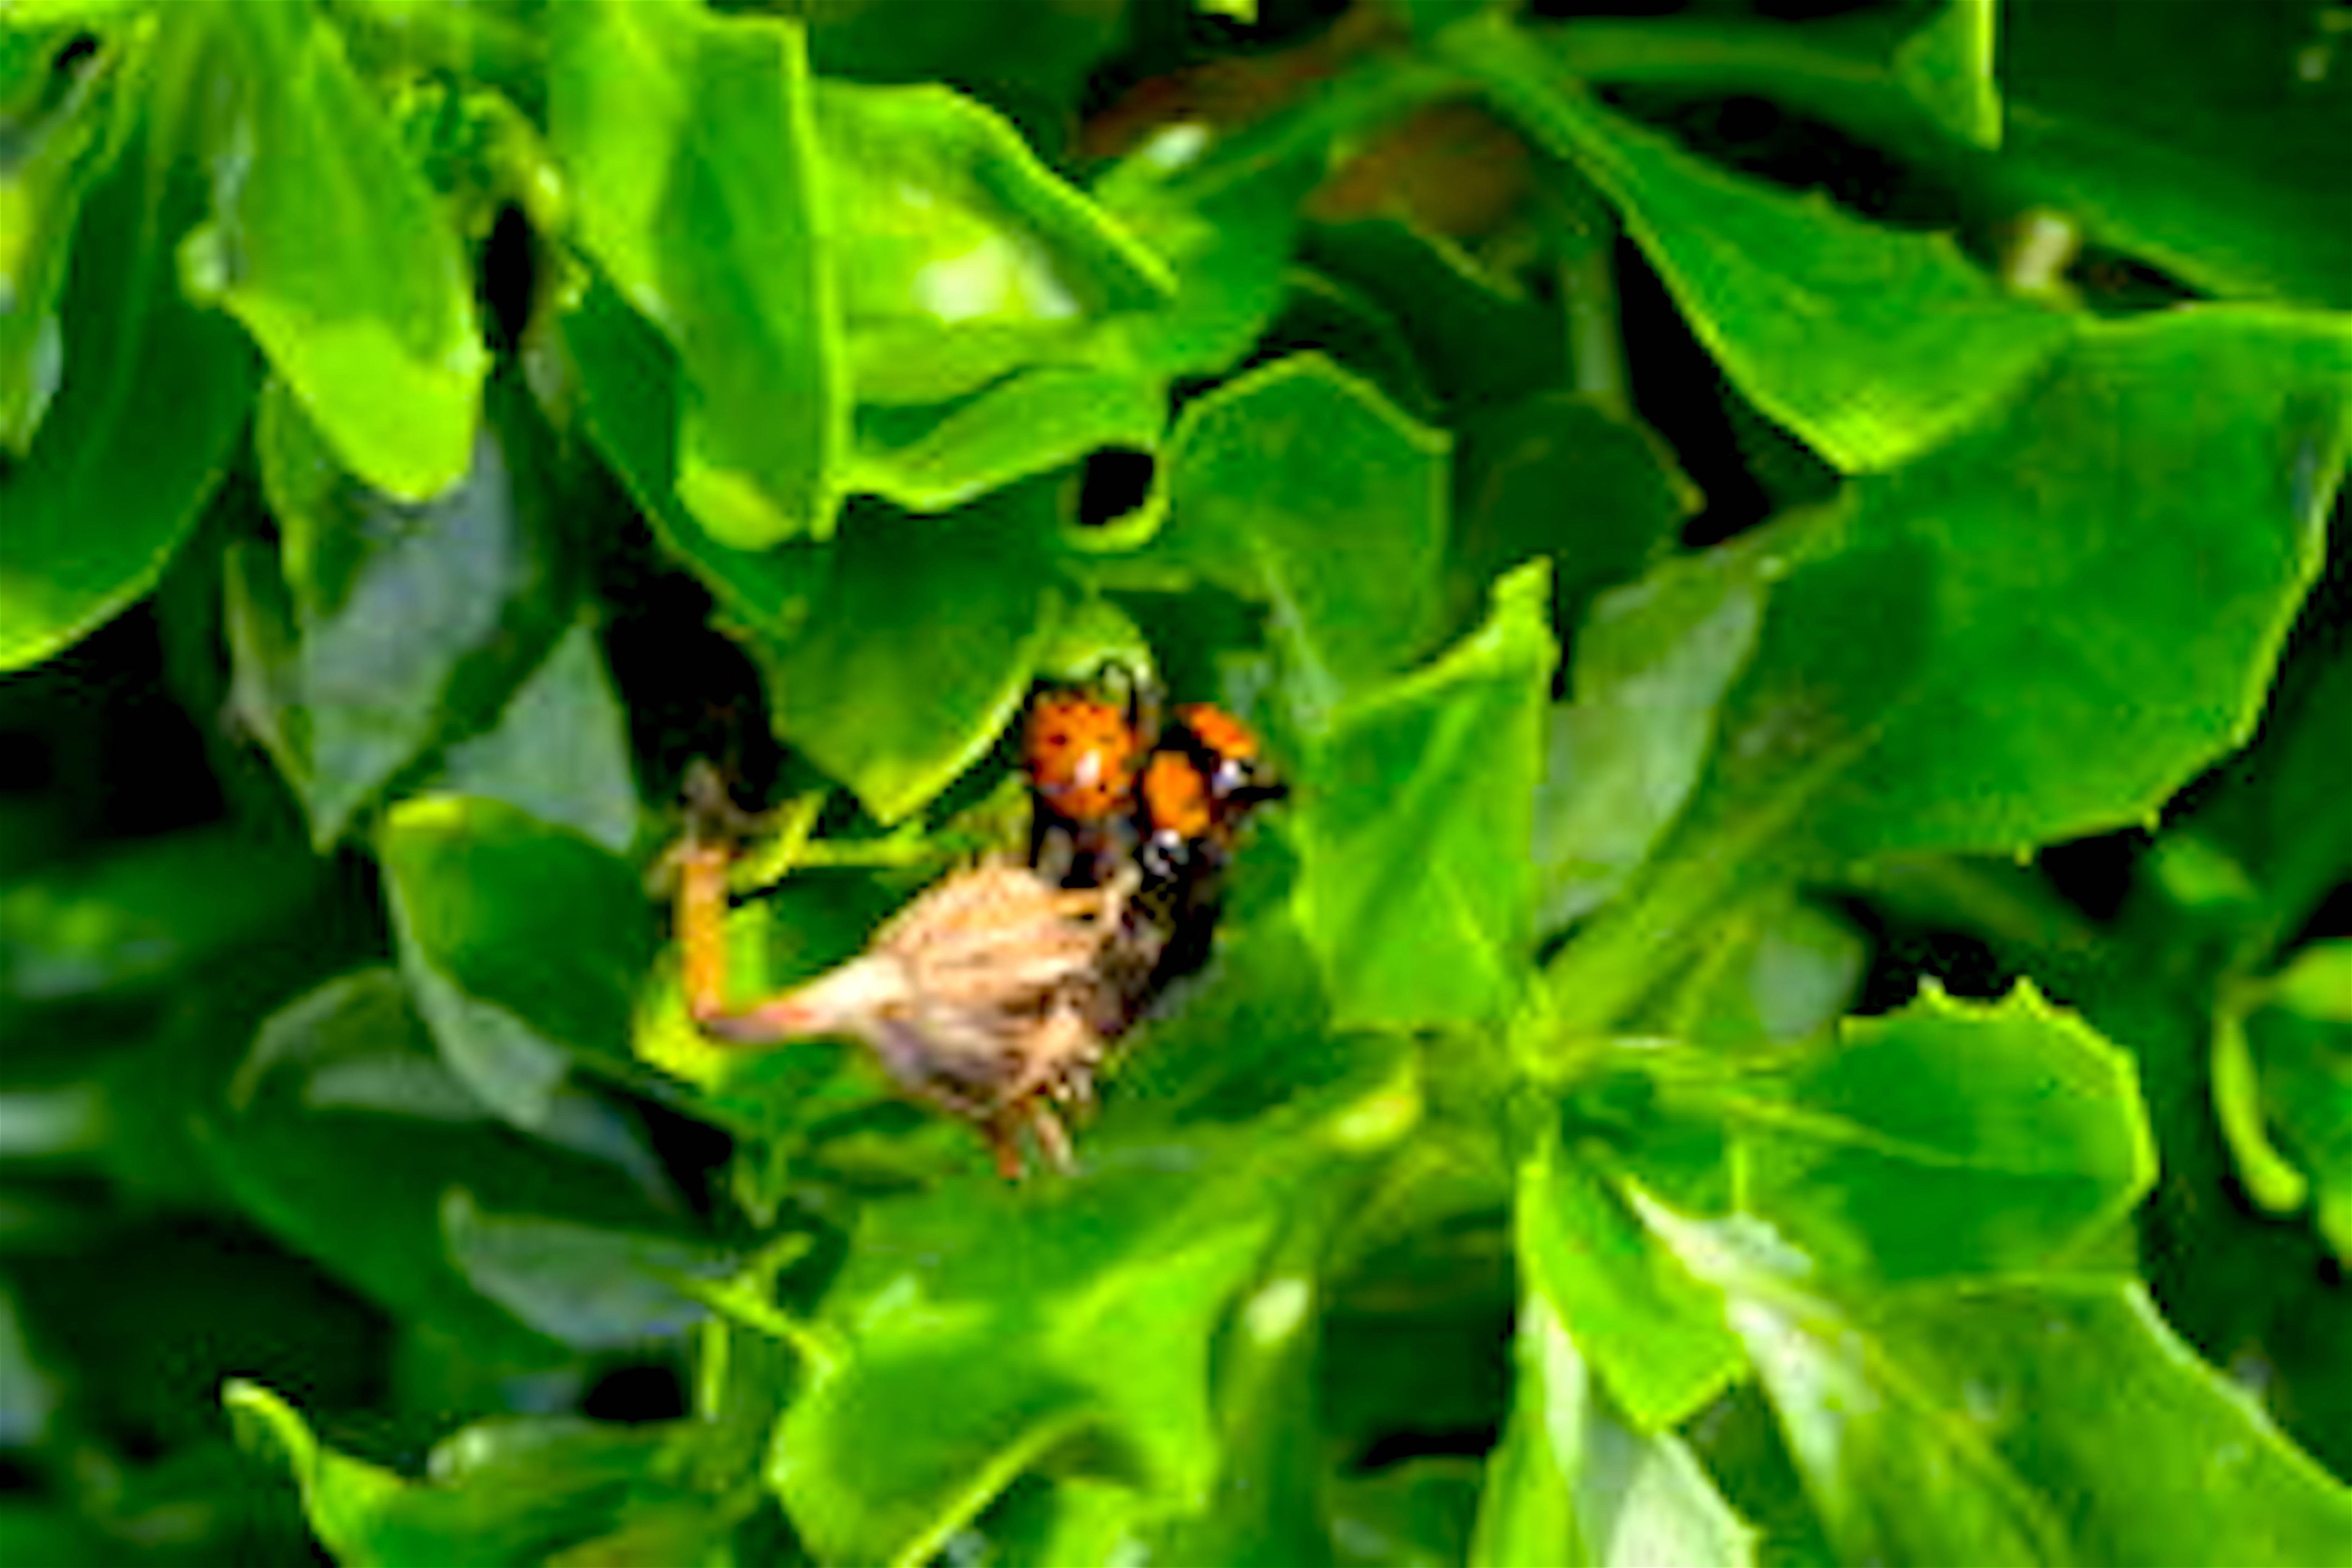 Cluster van Lieveheersbeestjes binnen bloem (foto Dreamstime)